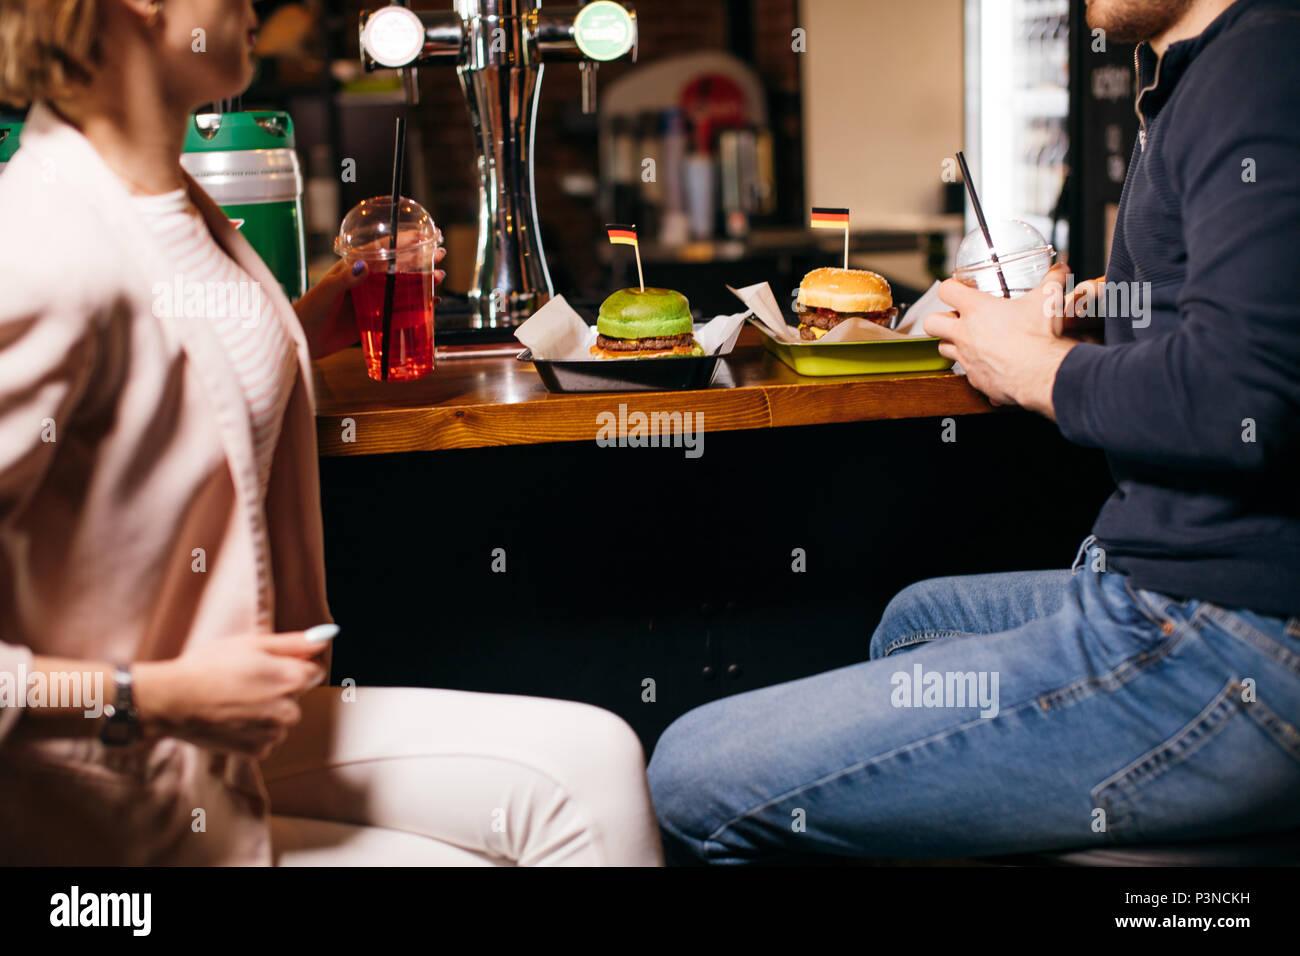 Un gruppo di giovani seduti ad un cafe, parlando e godendo Immagini Stock